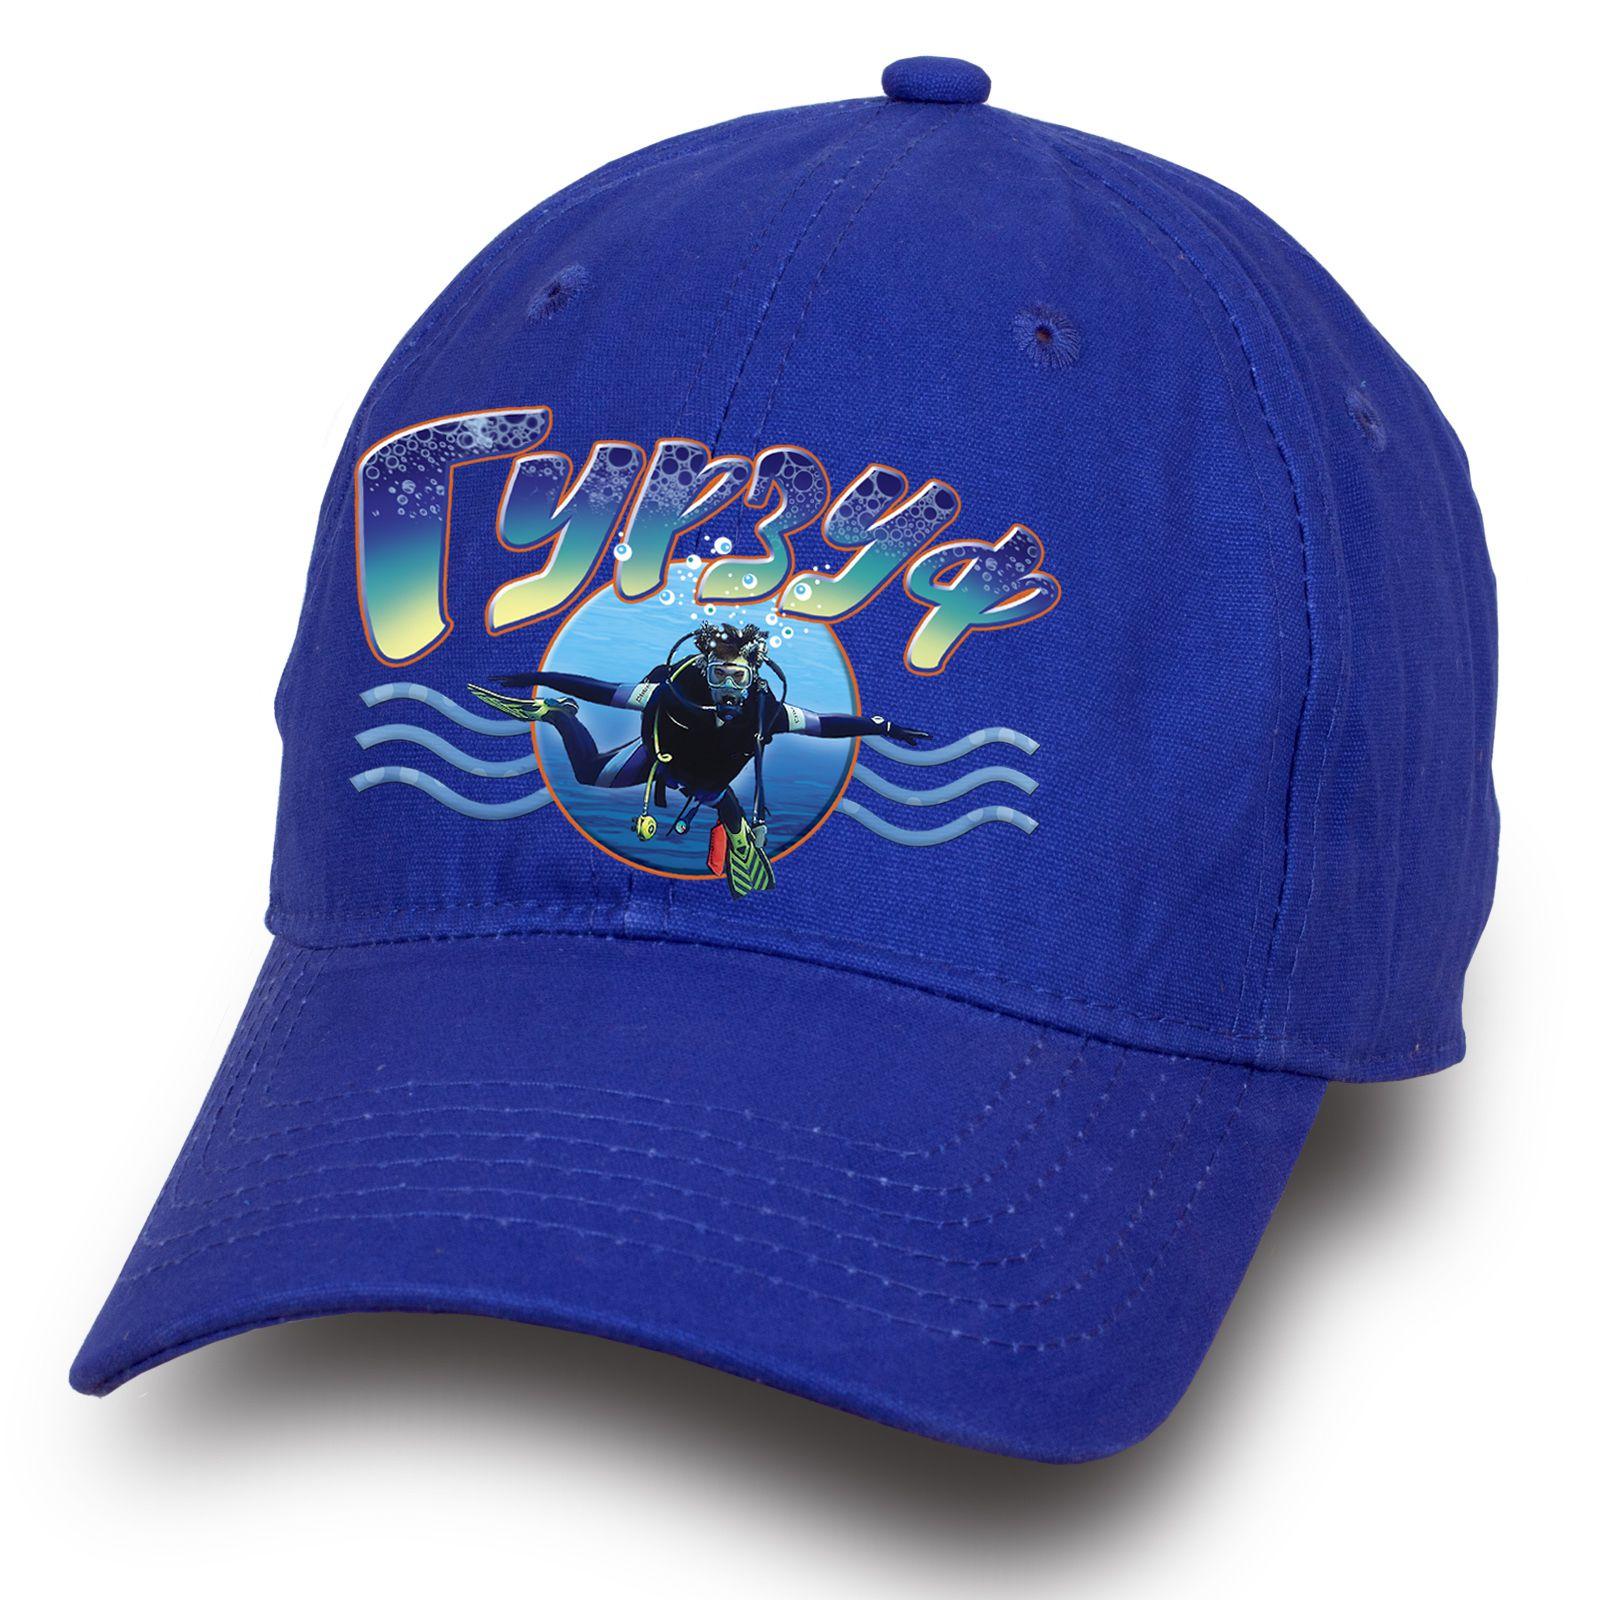 Синяя кепка для отдыха в Гурзуфе - купить в интернет-магазине